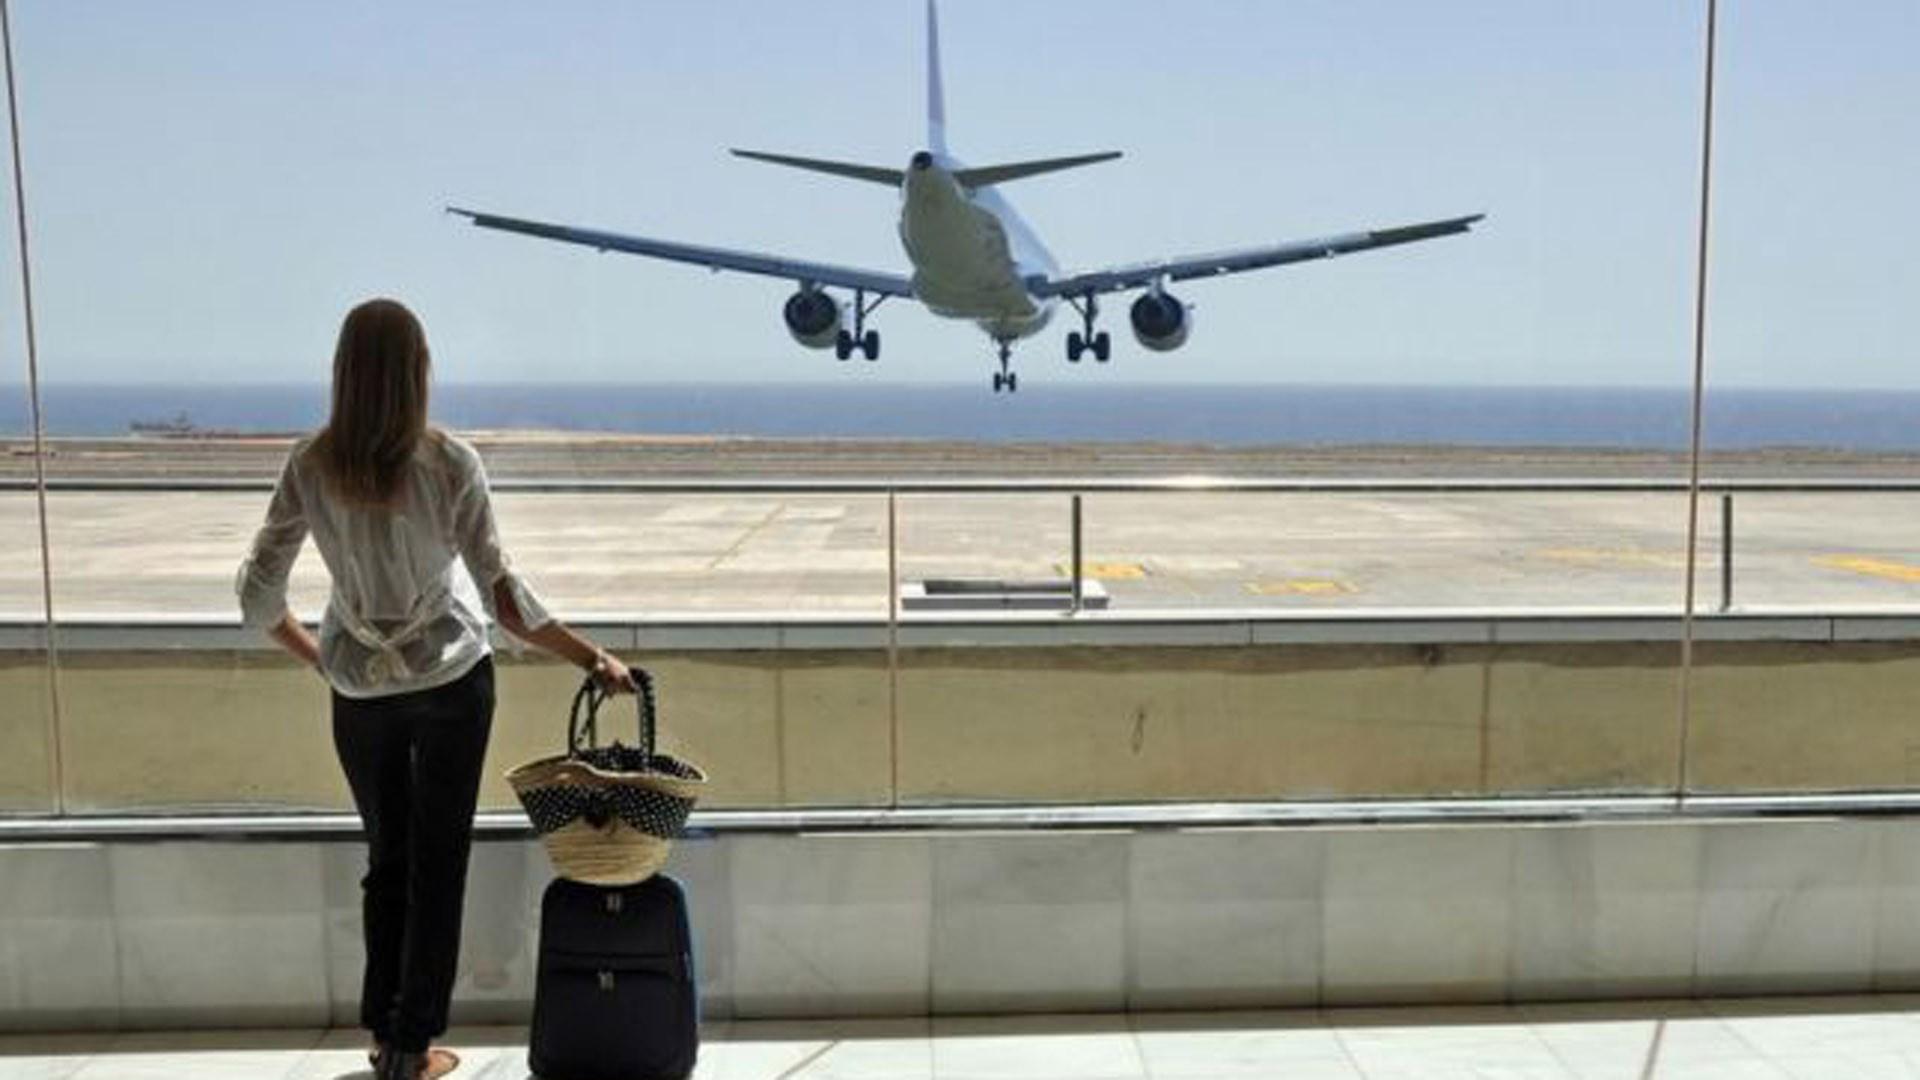 Expatriado ou imigrante